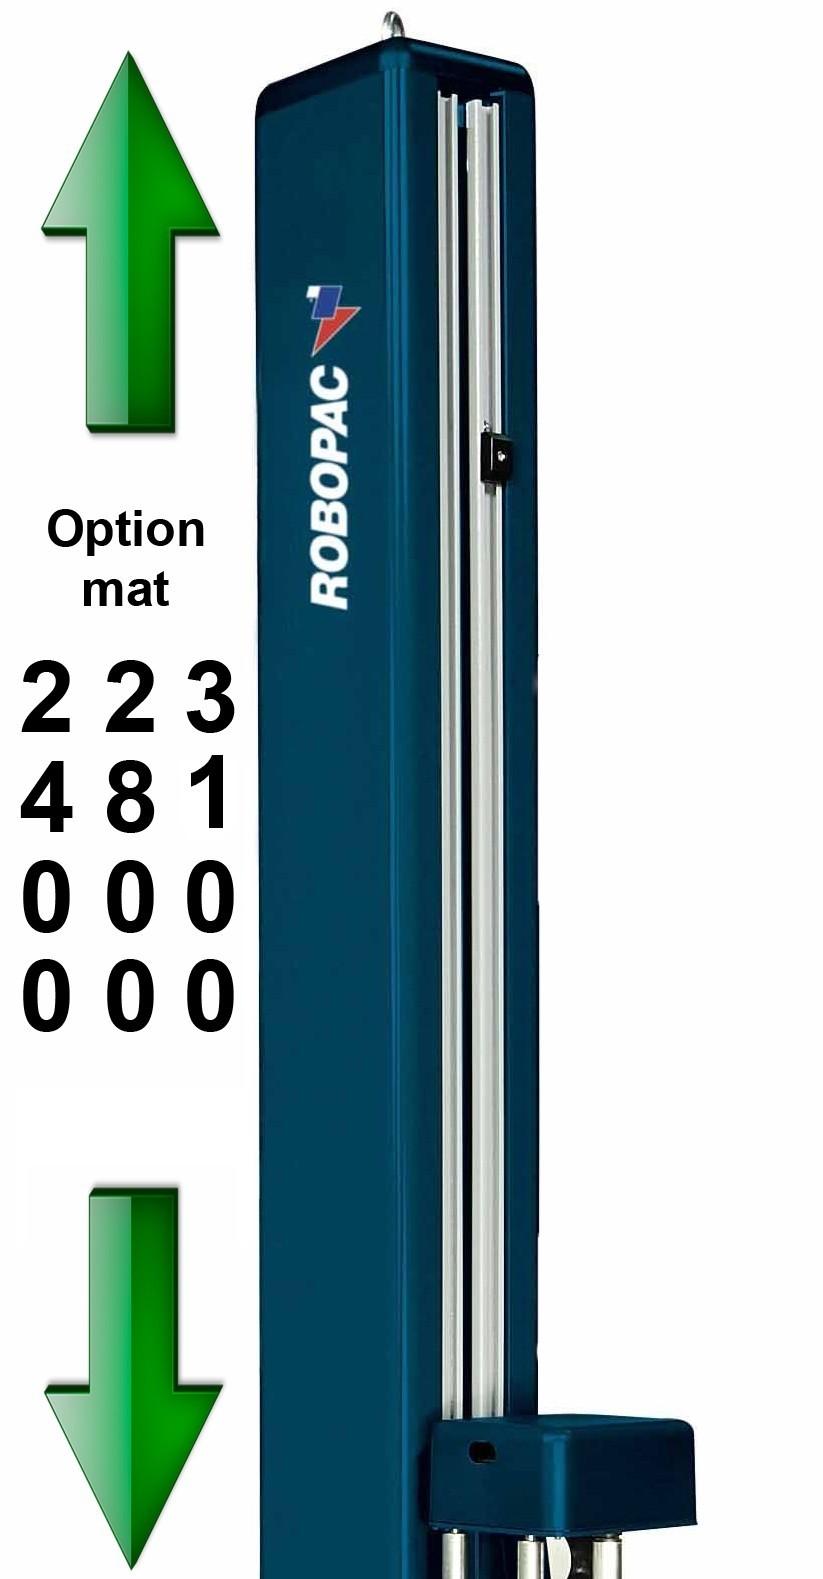 FILMEUSE-PALETTE-MULTI-COUCHE-308-FR option hauteur banderolage